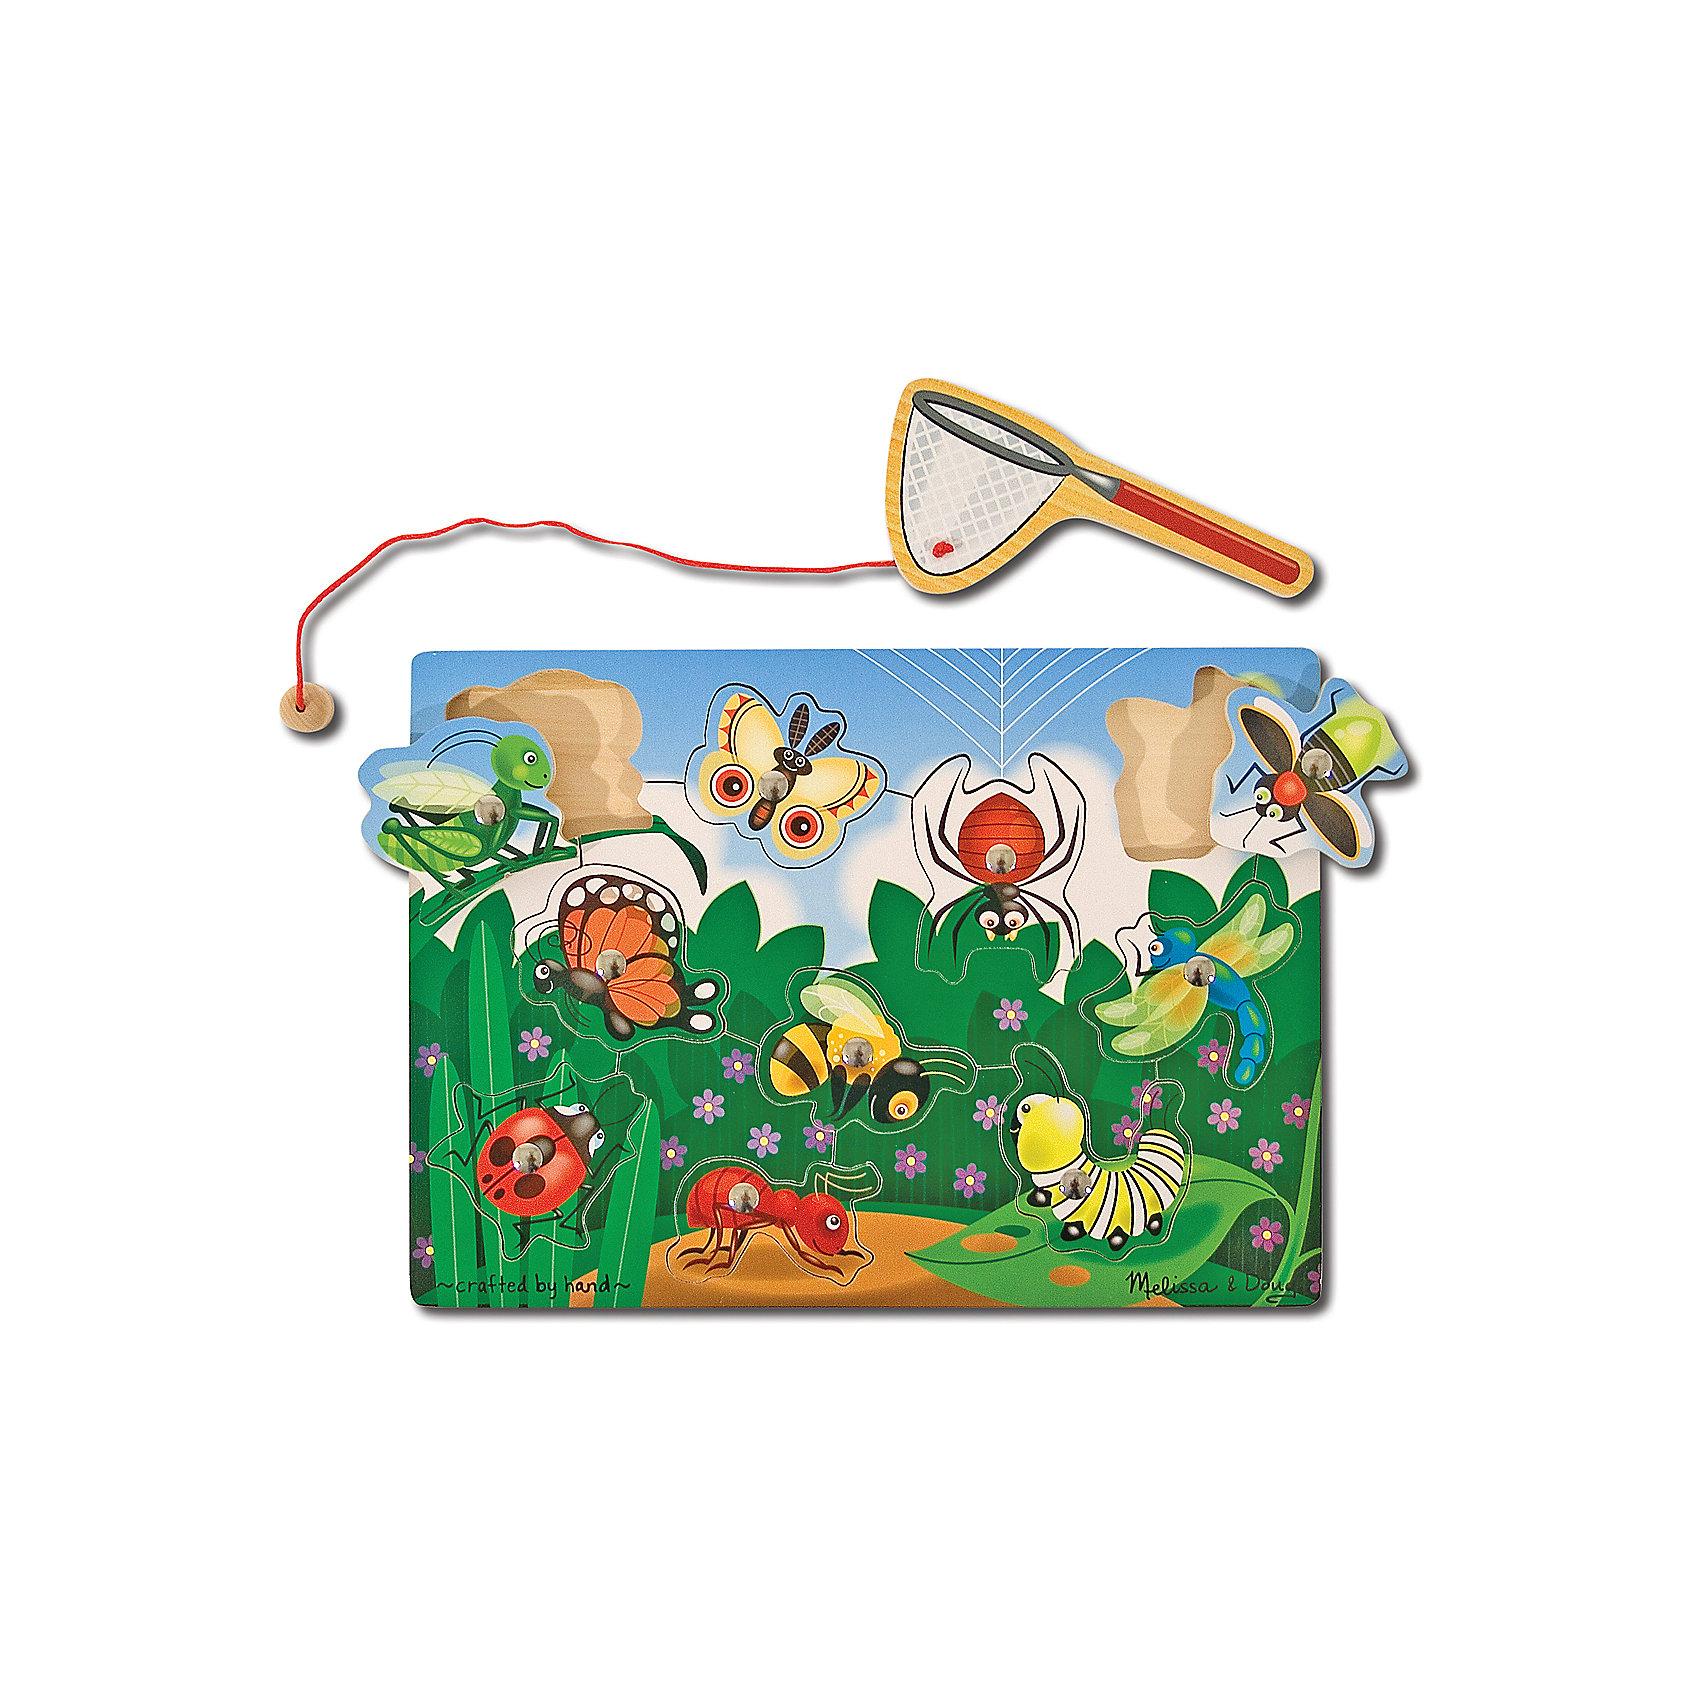 Магнитная игра Ловля насекомых, Melissa &amp; DougДеревянные игры и пазлы<br>Магнитная игра Ловля насекомых, Melissa &amp; Doug (Мелисса и Даг) – это деревянная основа-пазл с десятью фигурами насекомых. Пользуясь сачком-удочкой с магнитом,  поймай всех насекомых в саду. Затем верни их на свои места и начинай увлекательную охоту снова! Игра познакомит ребенка с разнообразными насекомыми, будет развивать его зрительную память, моторику, зрительно-двигательную координацию.<br><br>Дополнительная информация:<br>-Материалы: дерево, пластик, картон<br>-Вес в упаковке: 408 г<br>-Размеры в упаковке: 30х10х21 см<br><br>Магнитная игрушка Ловля насекомых способствует обучению и развитию вашего ребенка!<br><br>Магнитная игра Ловля насекомых, Melissa &amp; Doug (Мелисса и Даг) можно купить в нашем магазине.<br><br>Ширина мм: 300<br>Глубина мм: 100<br>Высота мм: 210<br>Вес г: 408<br>Возраст от месяцев: 36<br>Возраст до месяцев: 96<br>Пол: Унисекс<br>Возраст: Детский<br>SKU: 4235398